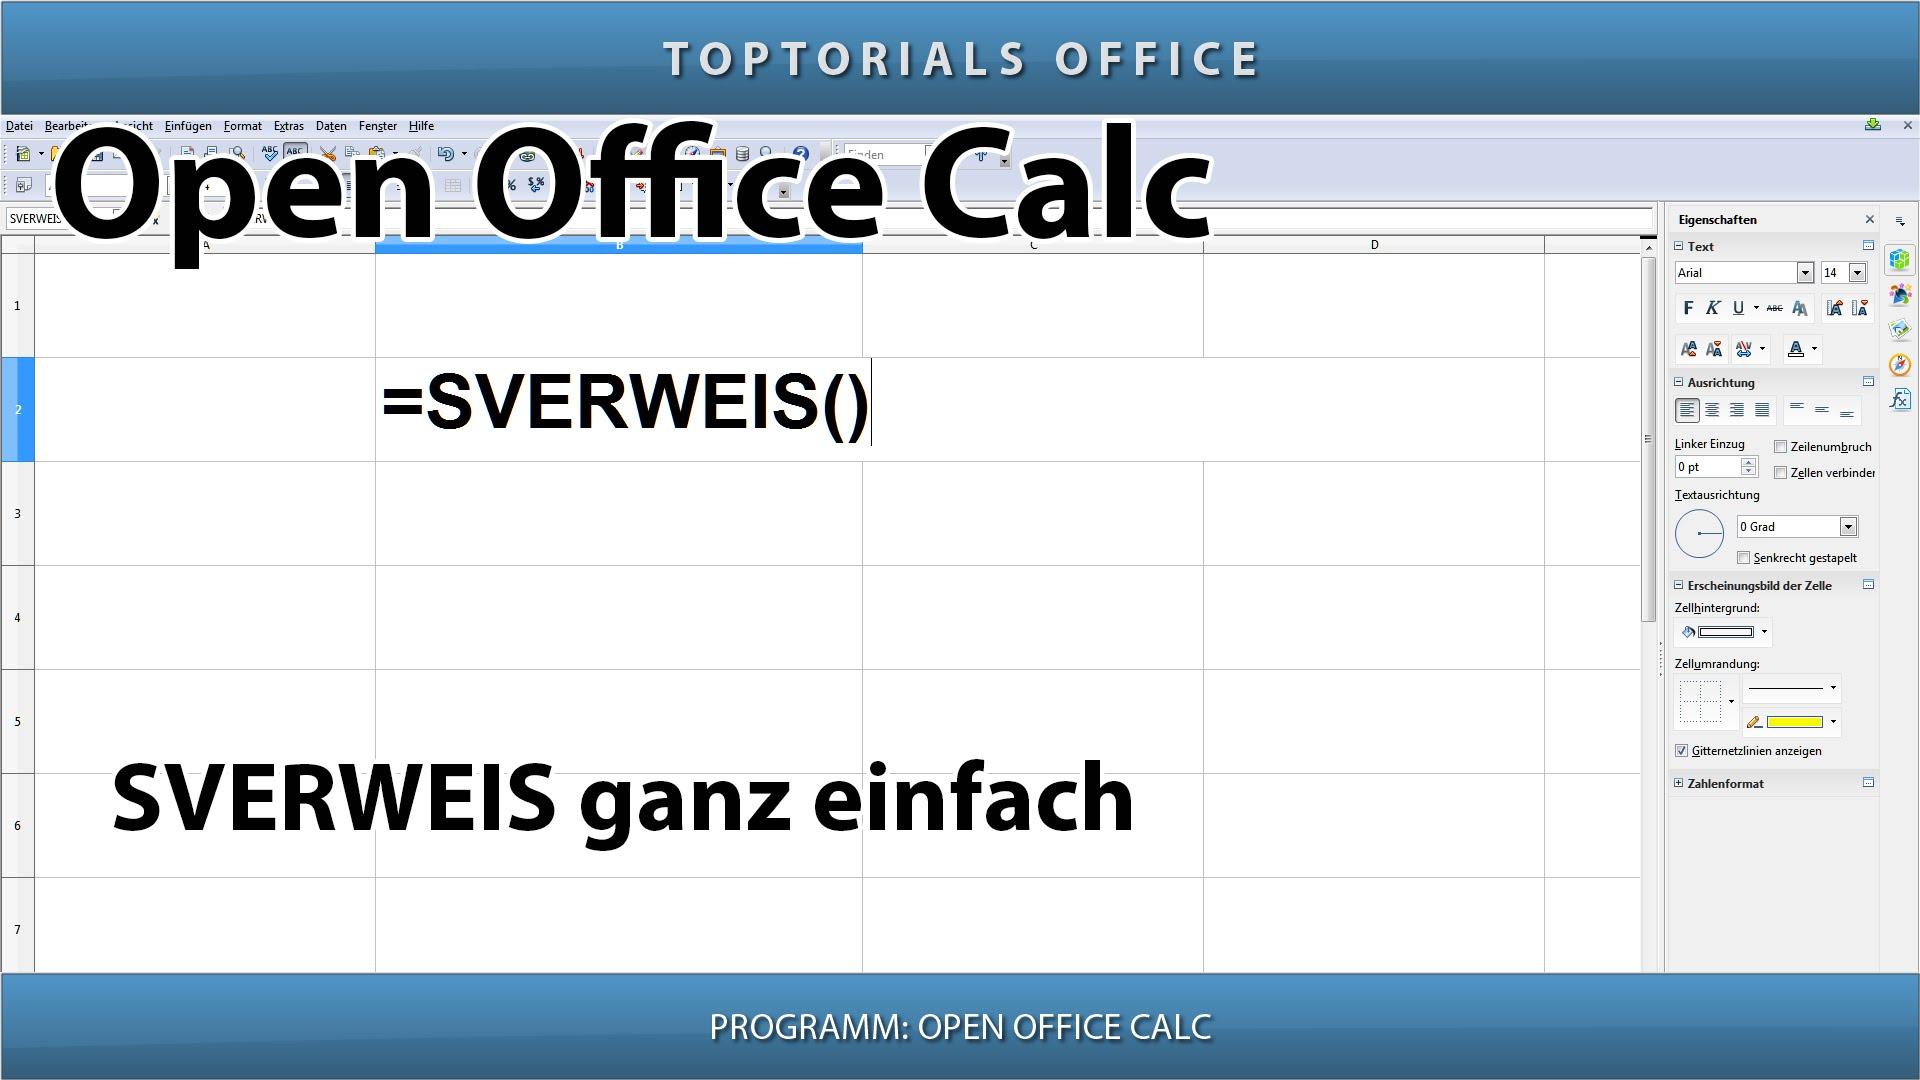 Sverweis Ganz Einfach Openoffice Calc Toptorials